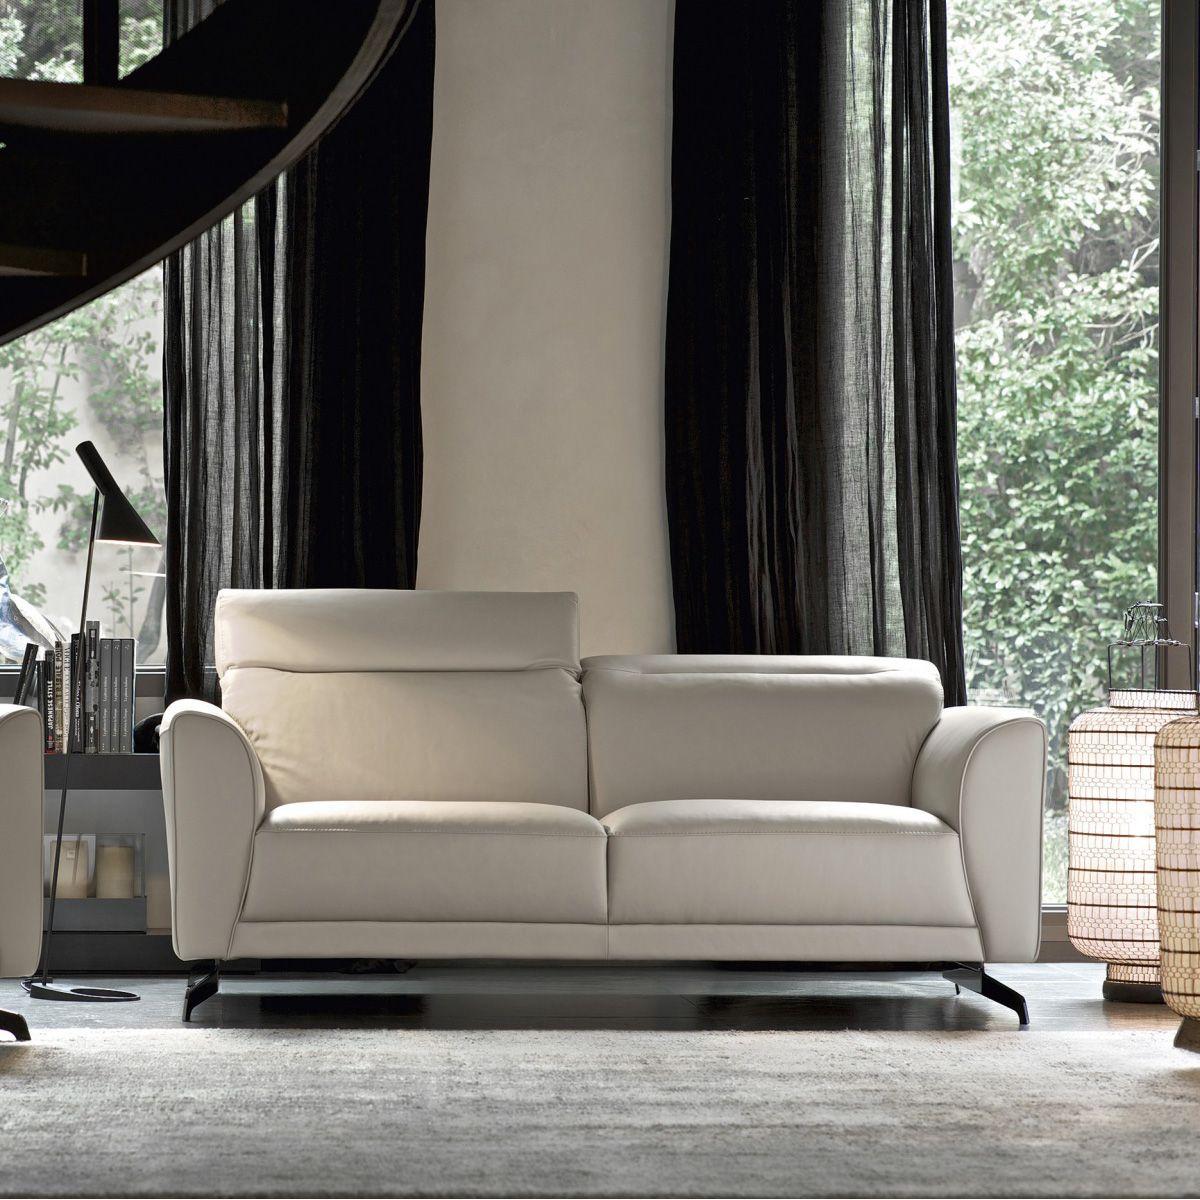 Edison Doimo Salotti divano in pelle classico Set